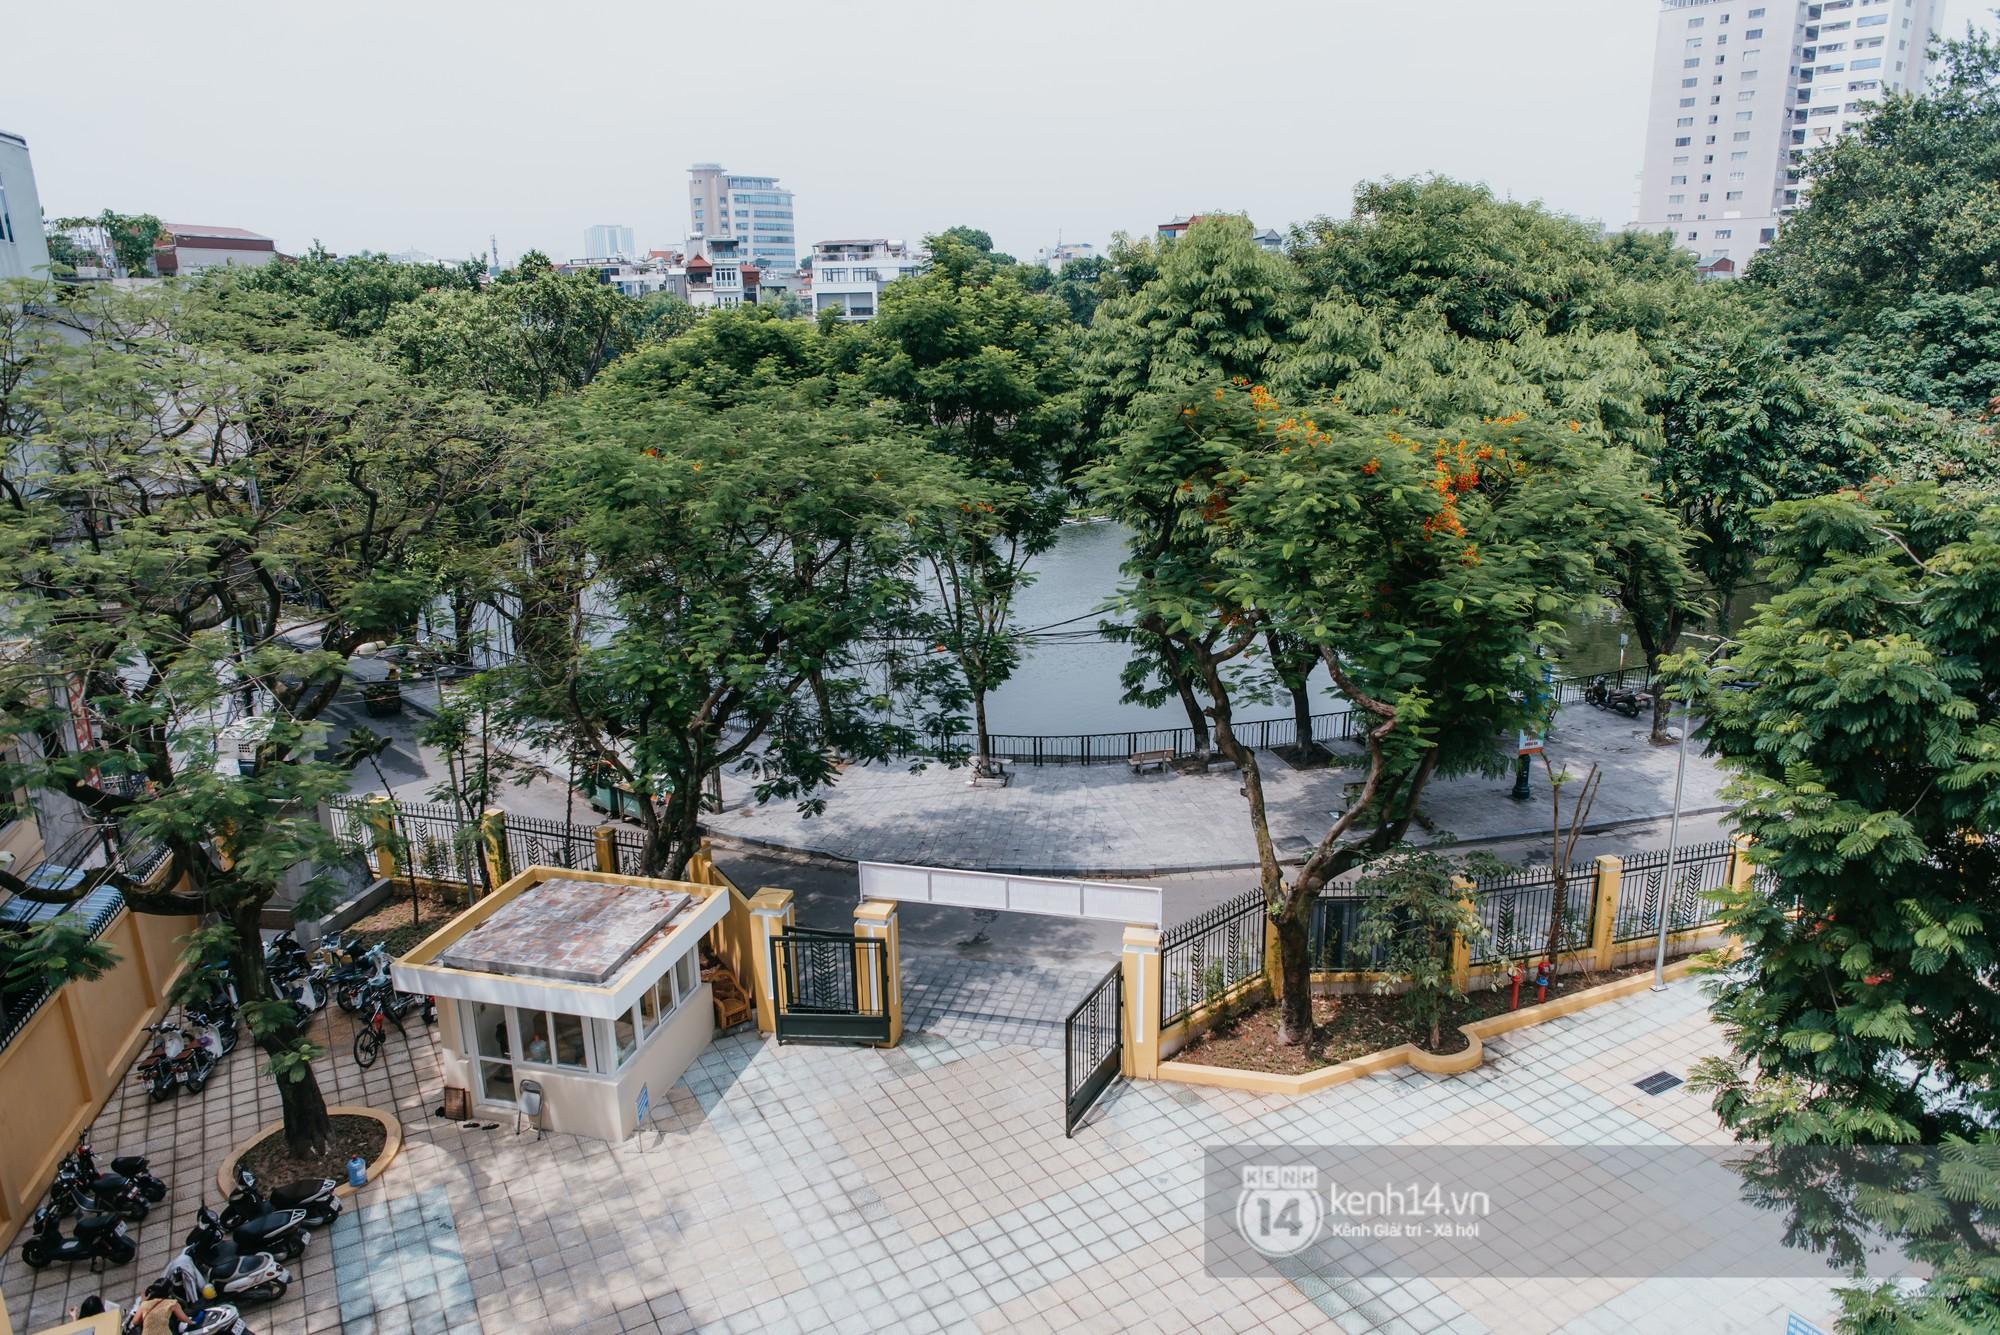 Xuất hiện ngôi trường cấp 3 công lập cao nhất Hà Nội, siêu đẹp và hiện đại với vô vàn góc sống ảo xịn sò - Ảnh 6.